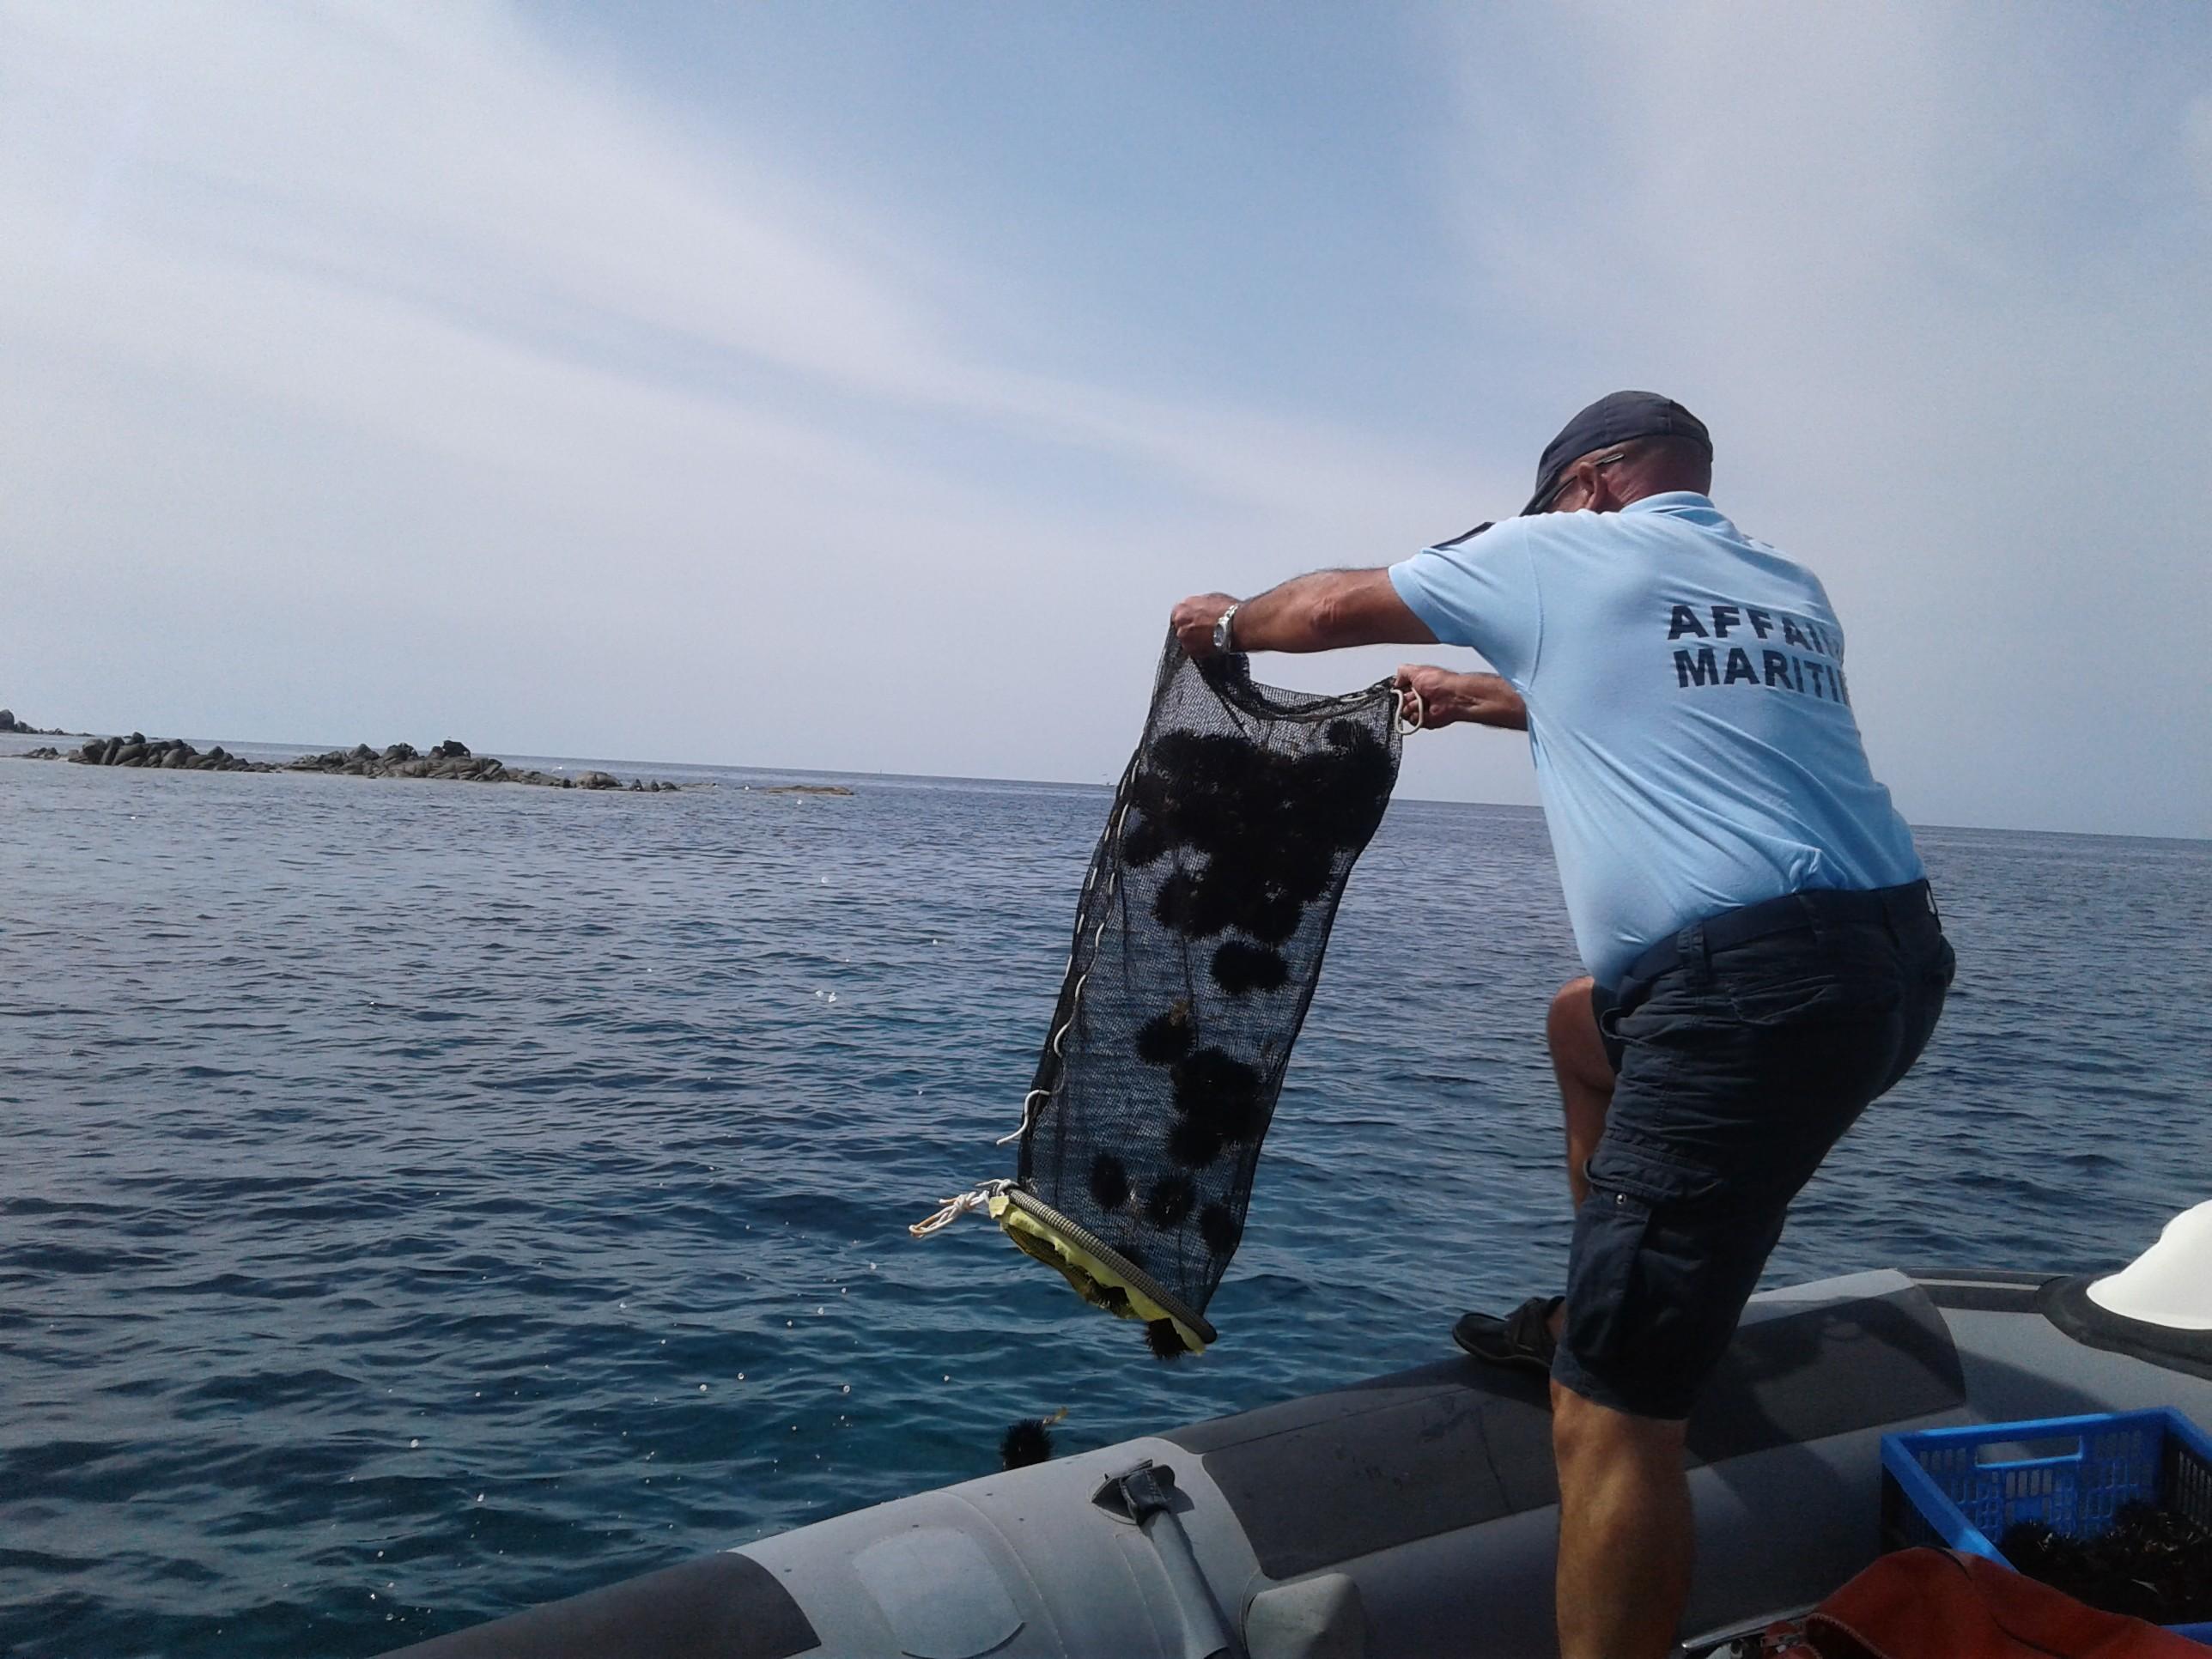 Les oursins pêchés illégalement rejetés à la mer